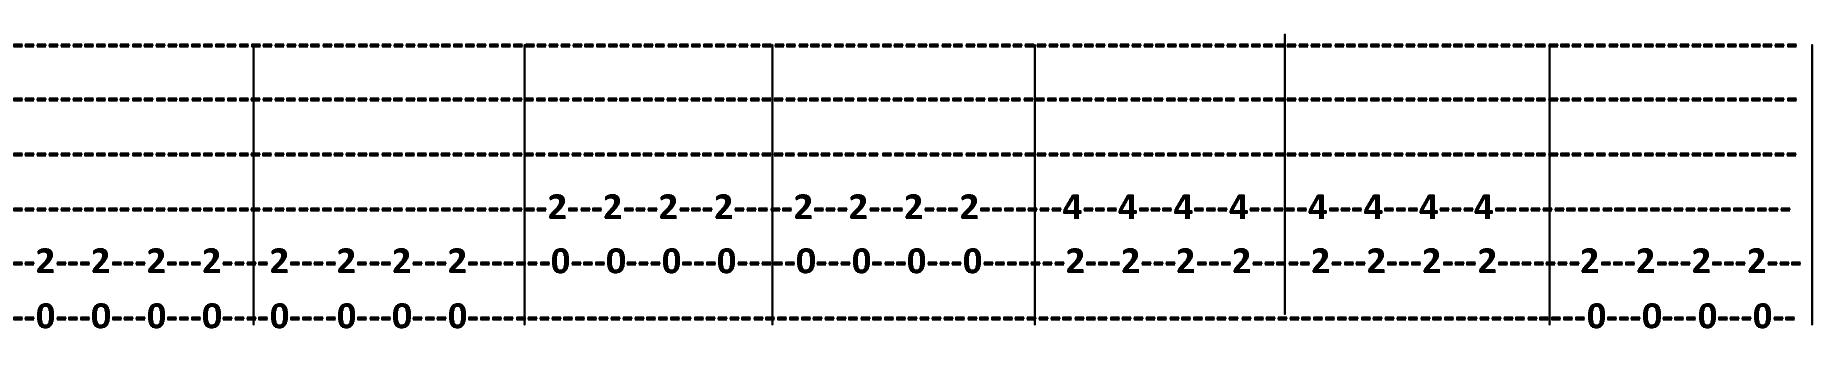 crop tabs power chords